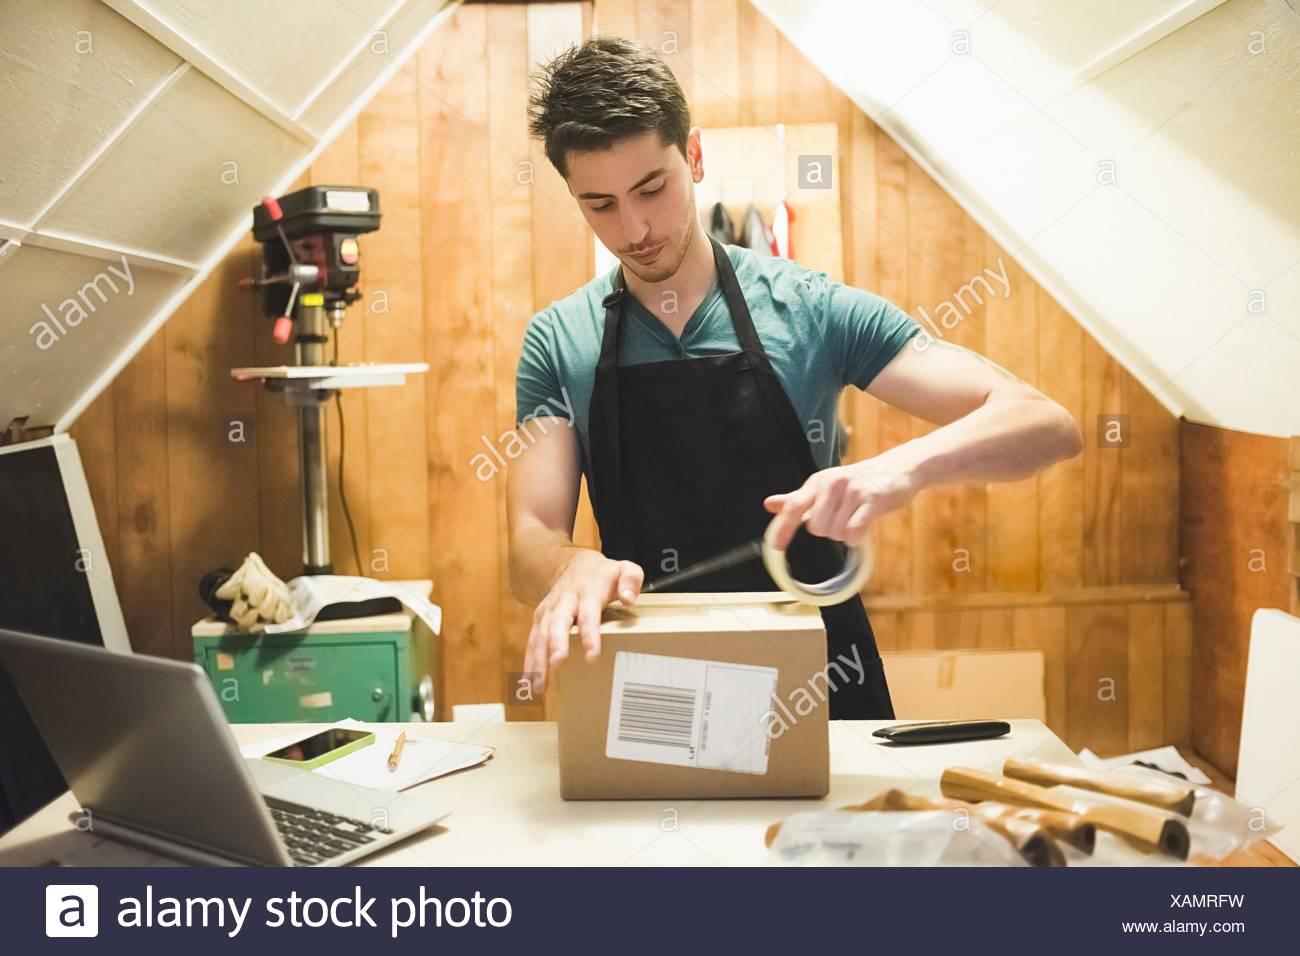 Junger Mann mit kleben Klebeband zur Lieferung Paket Vorbereitung Stockbild